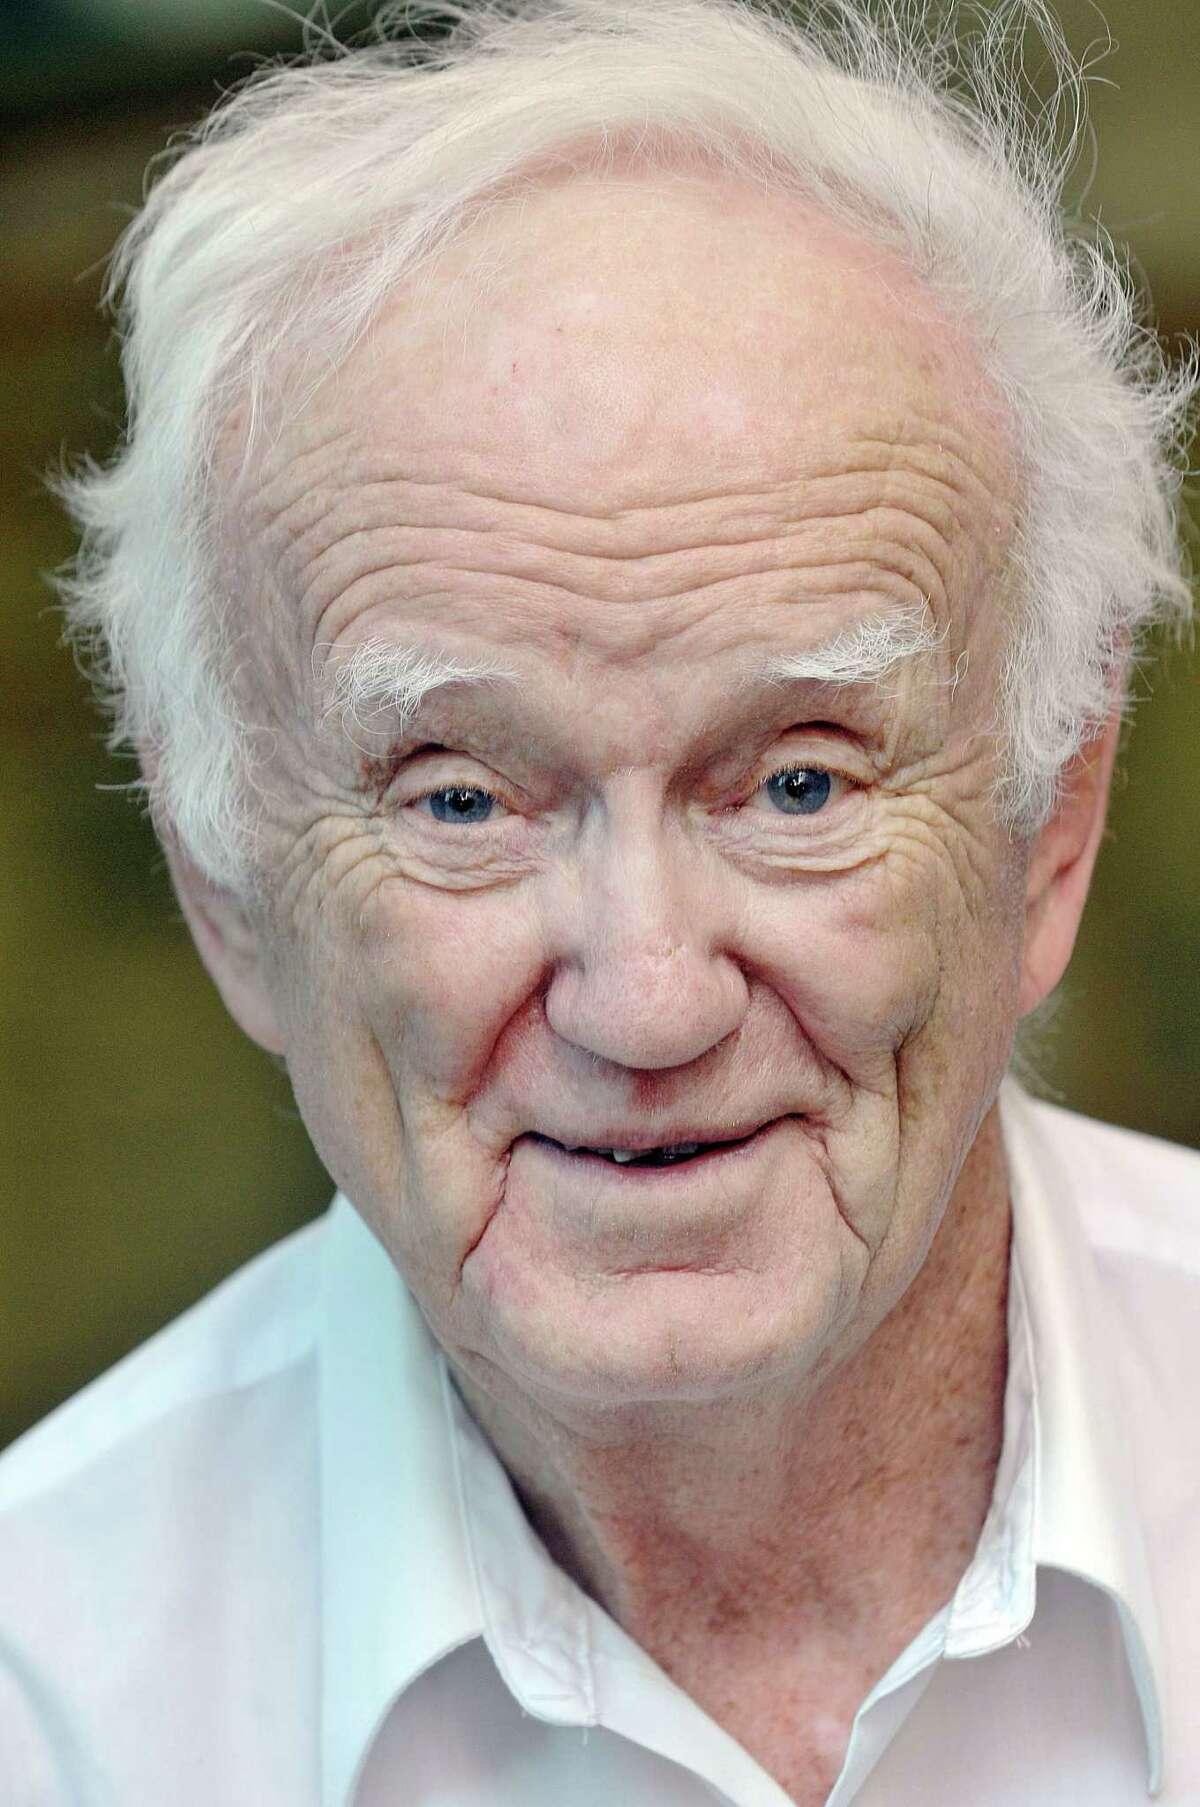 MYARC founder and moderator, 82-year-old Brother J. Robert Houlihan.